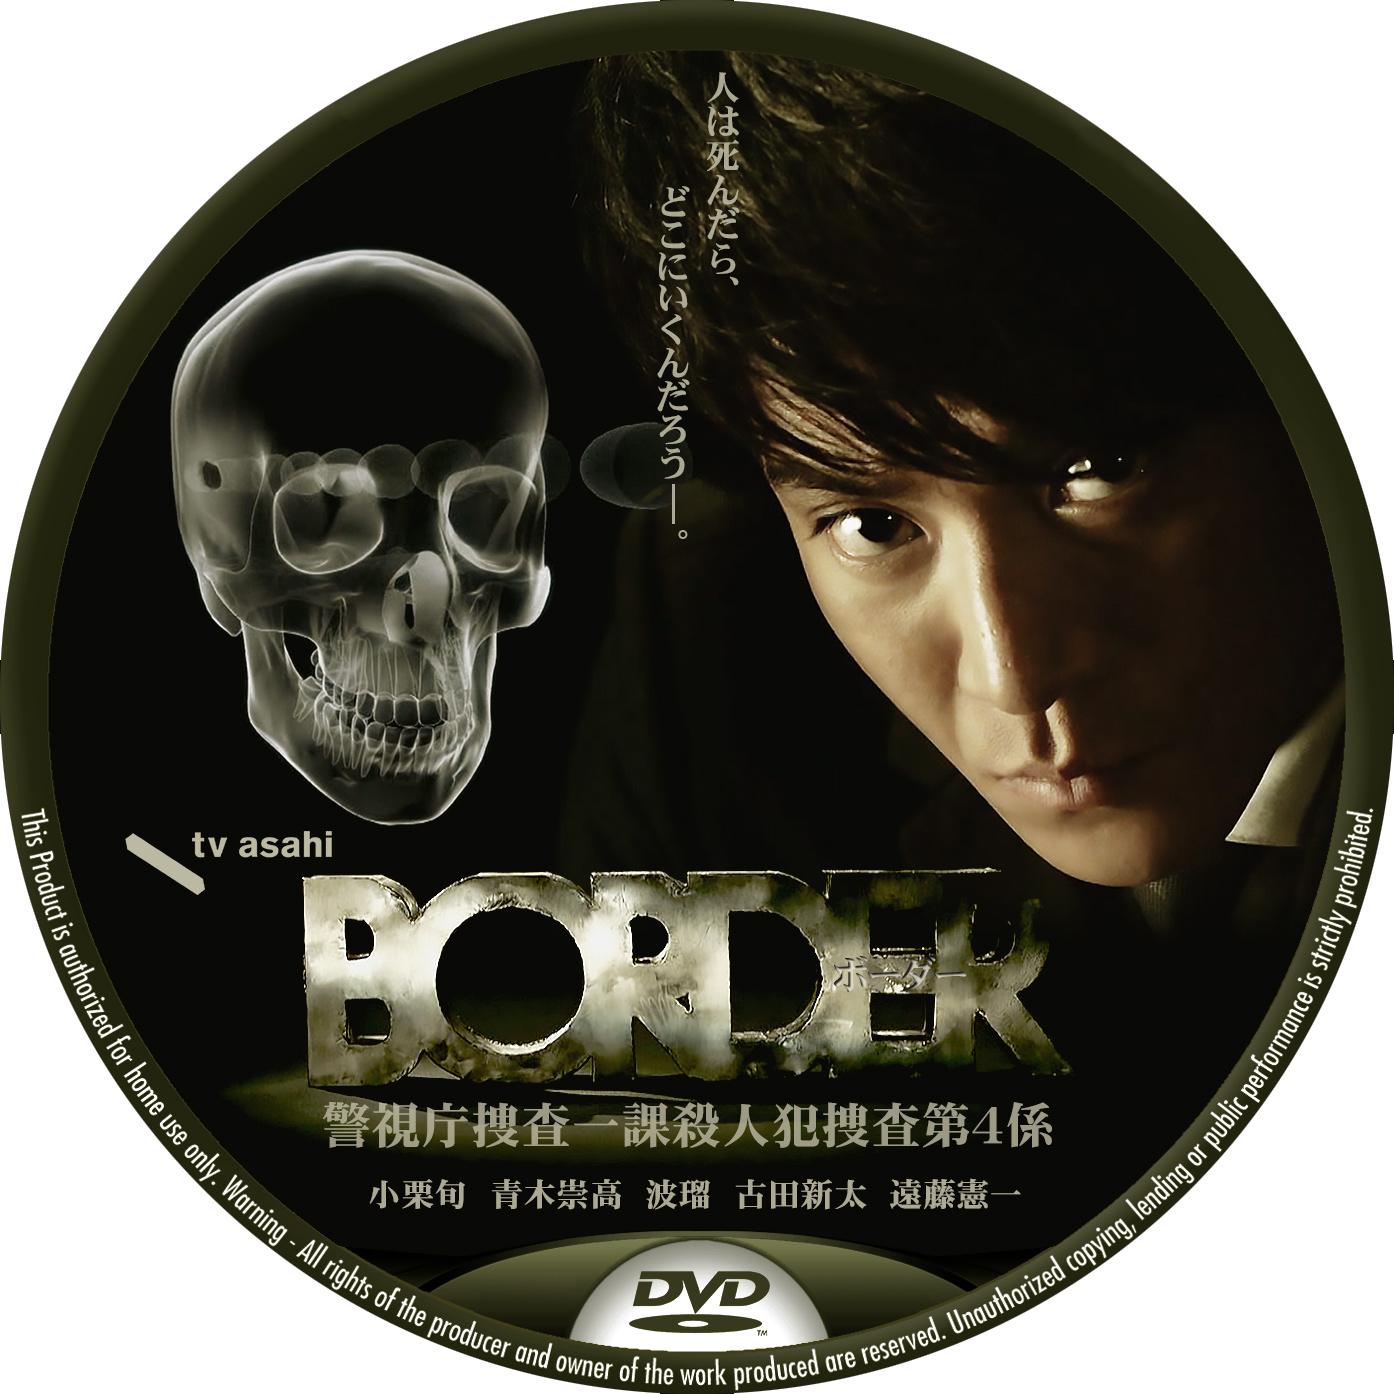 BORDER ドラマ DVDラベル テレ朝